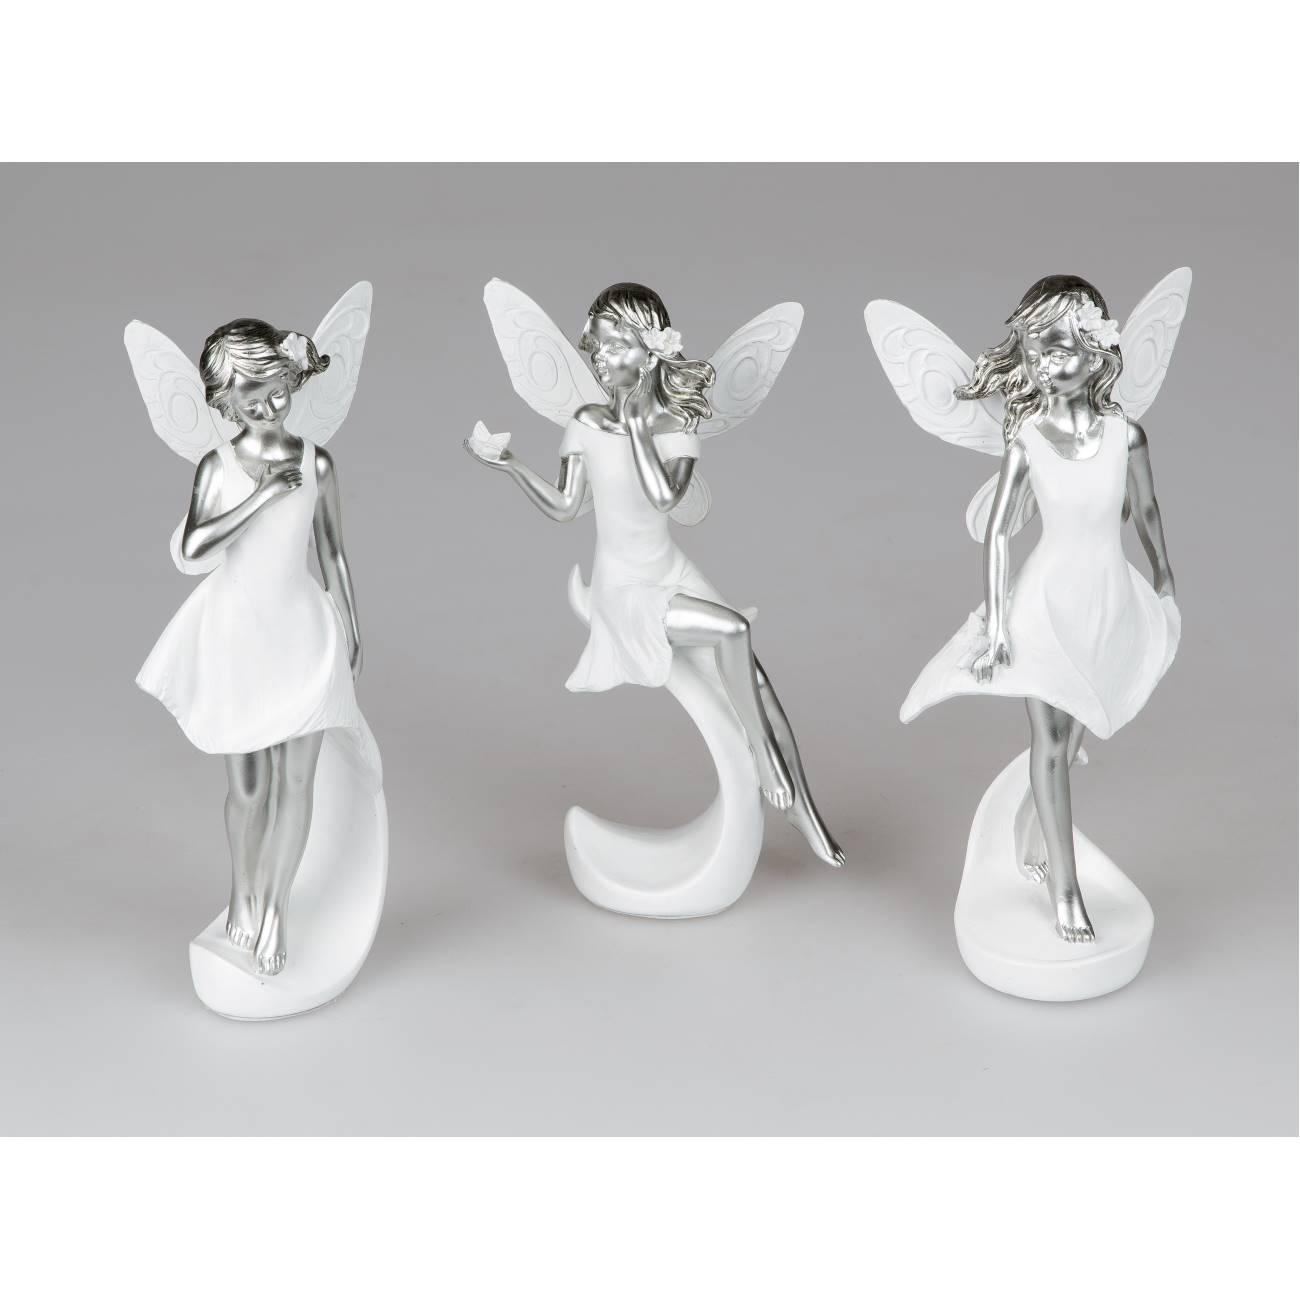 3er Set Dekofiguren Feen Elfen H 22cm Weiß Silber Keramik Formano